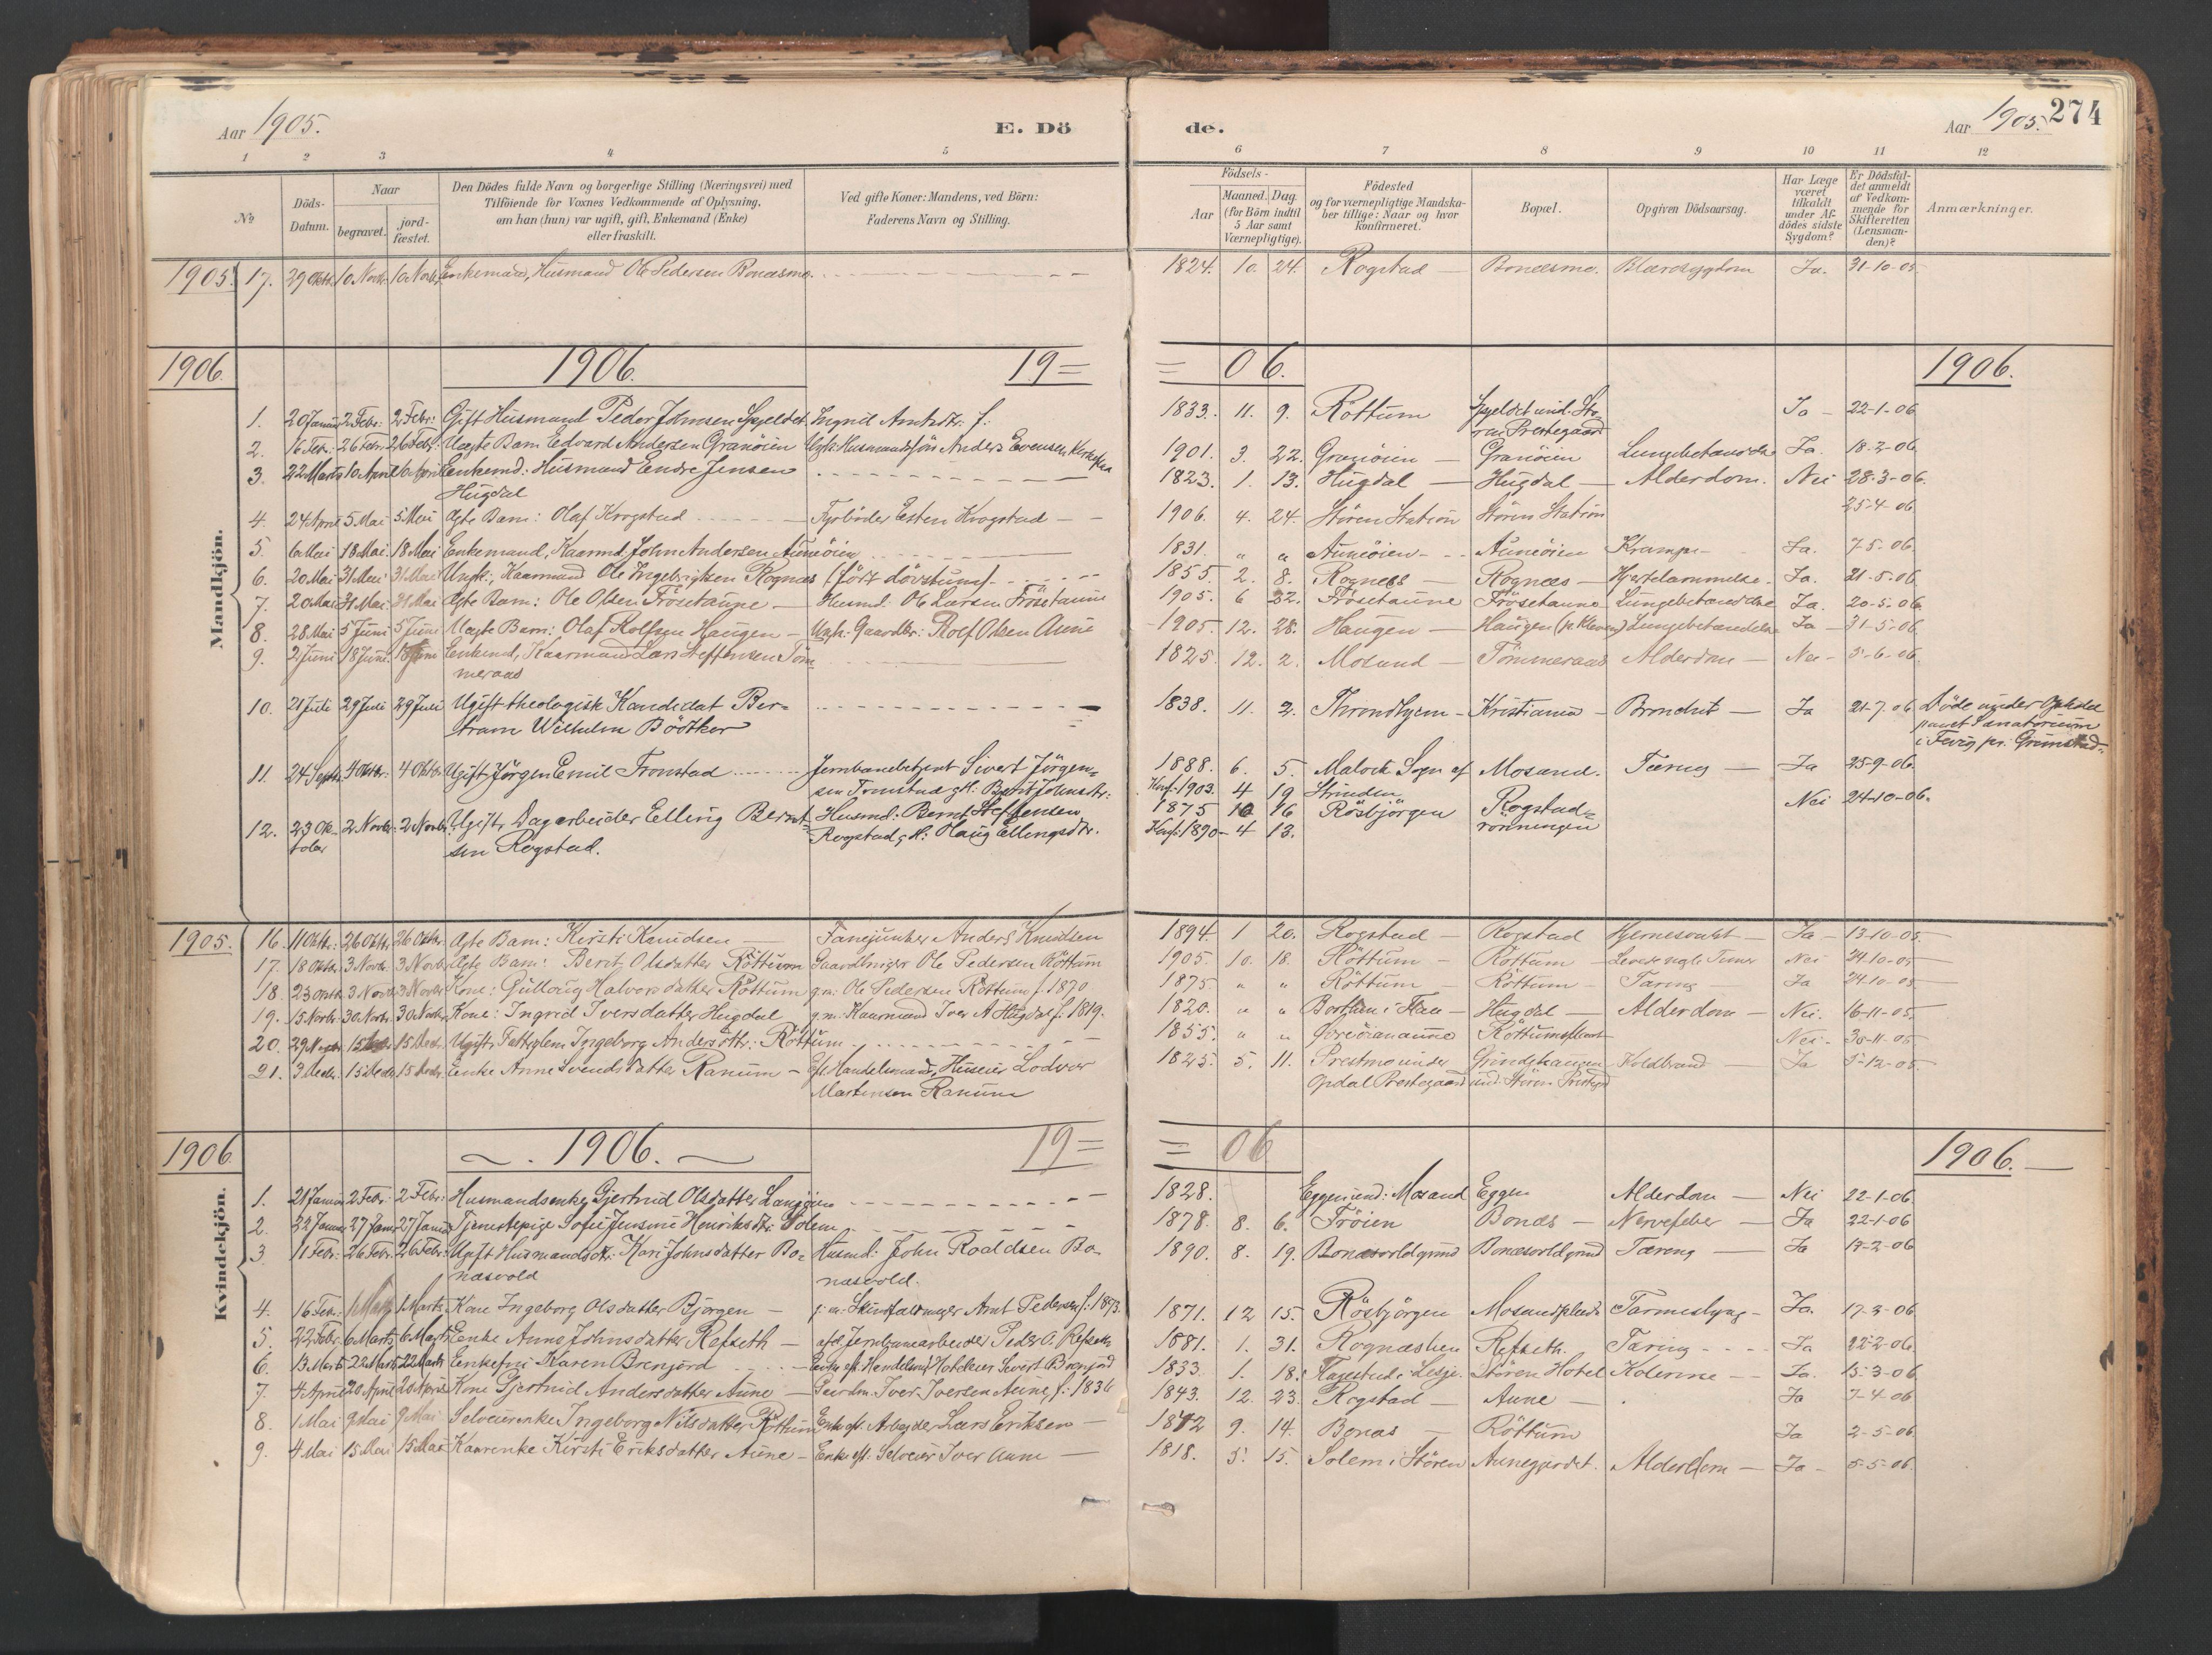 SAT, Ministerialprotokoller, klokkerbøker og fødselsregistre - Sør-Trøndelag, 687/L1004: Ministerialbok nr. 687A10, 1891-1923, s. 274